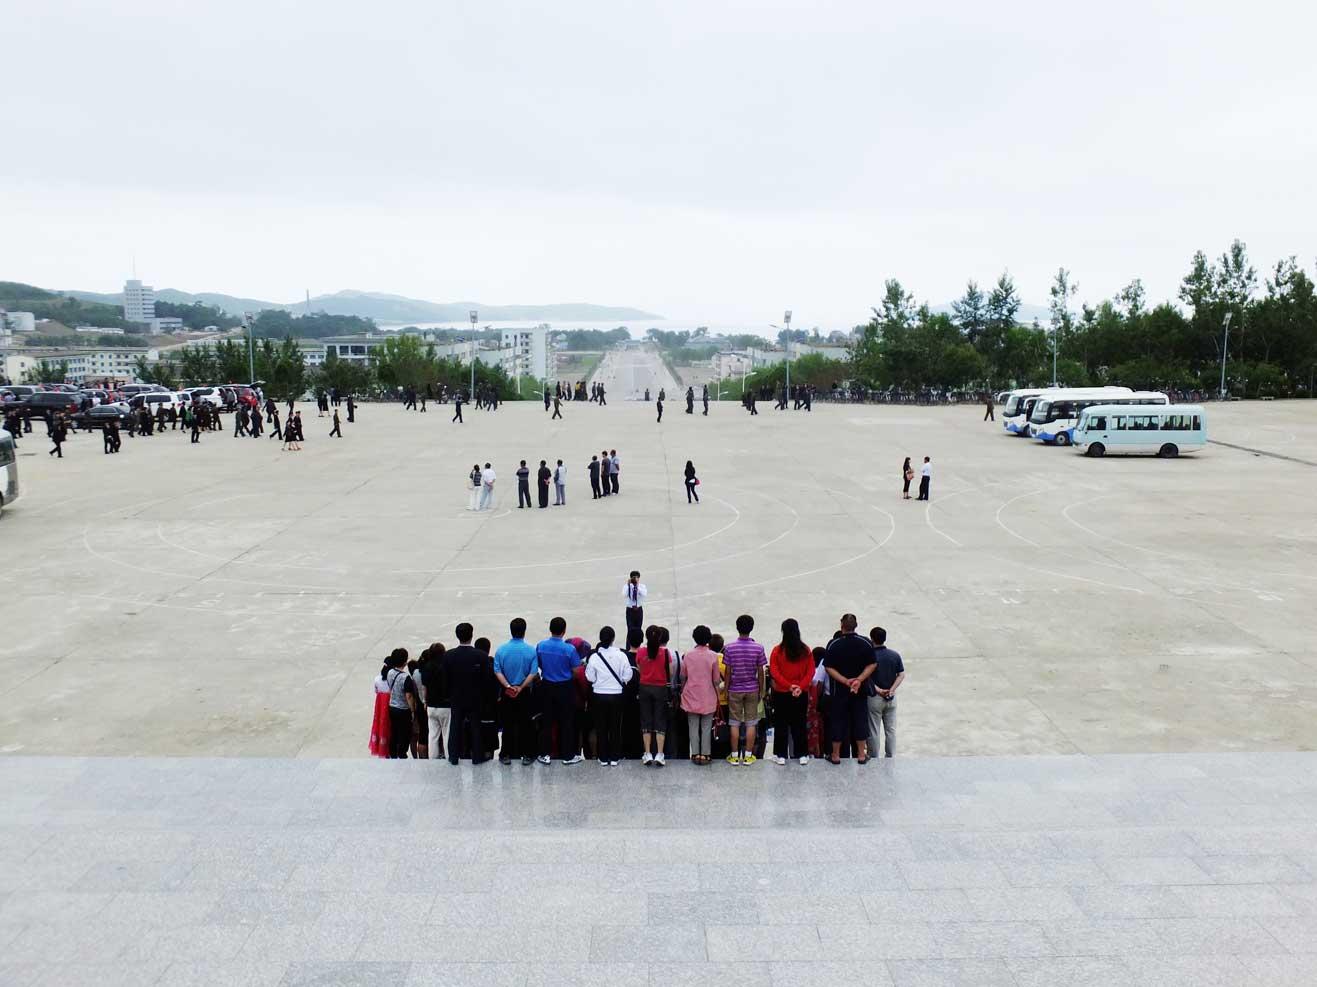 羅先(北朝鮮)で見かけた中国人観光客たち_b0235153_23484422.jpg